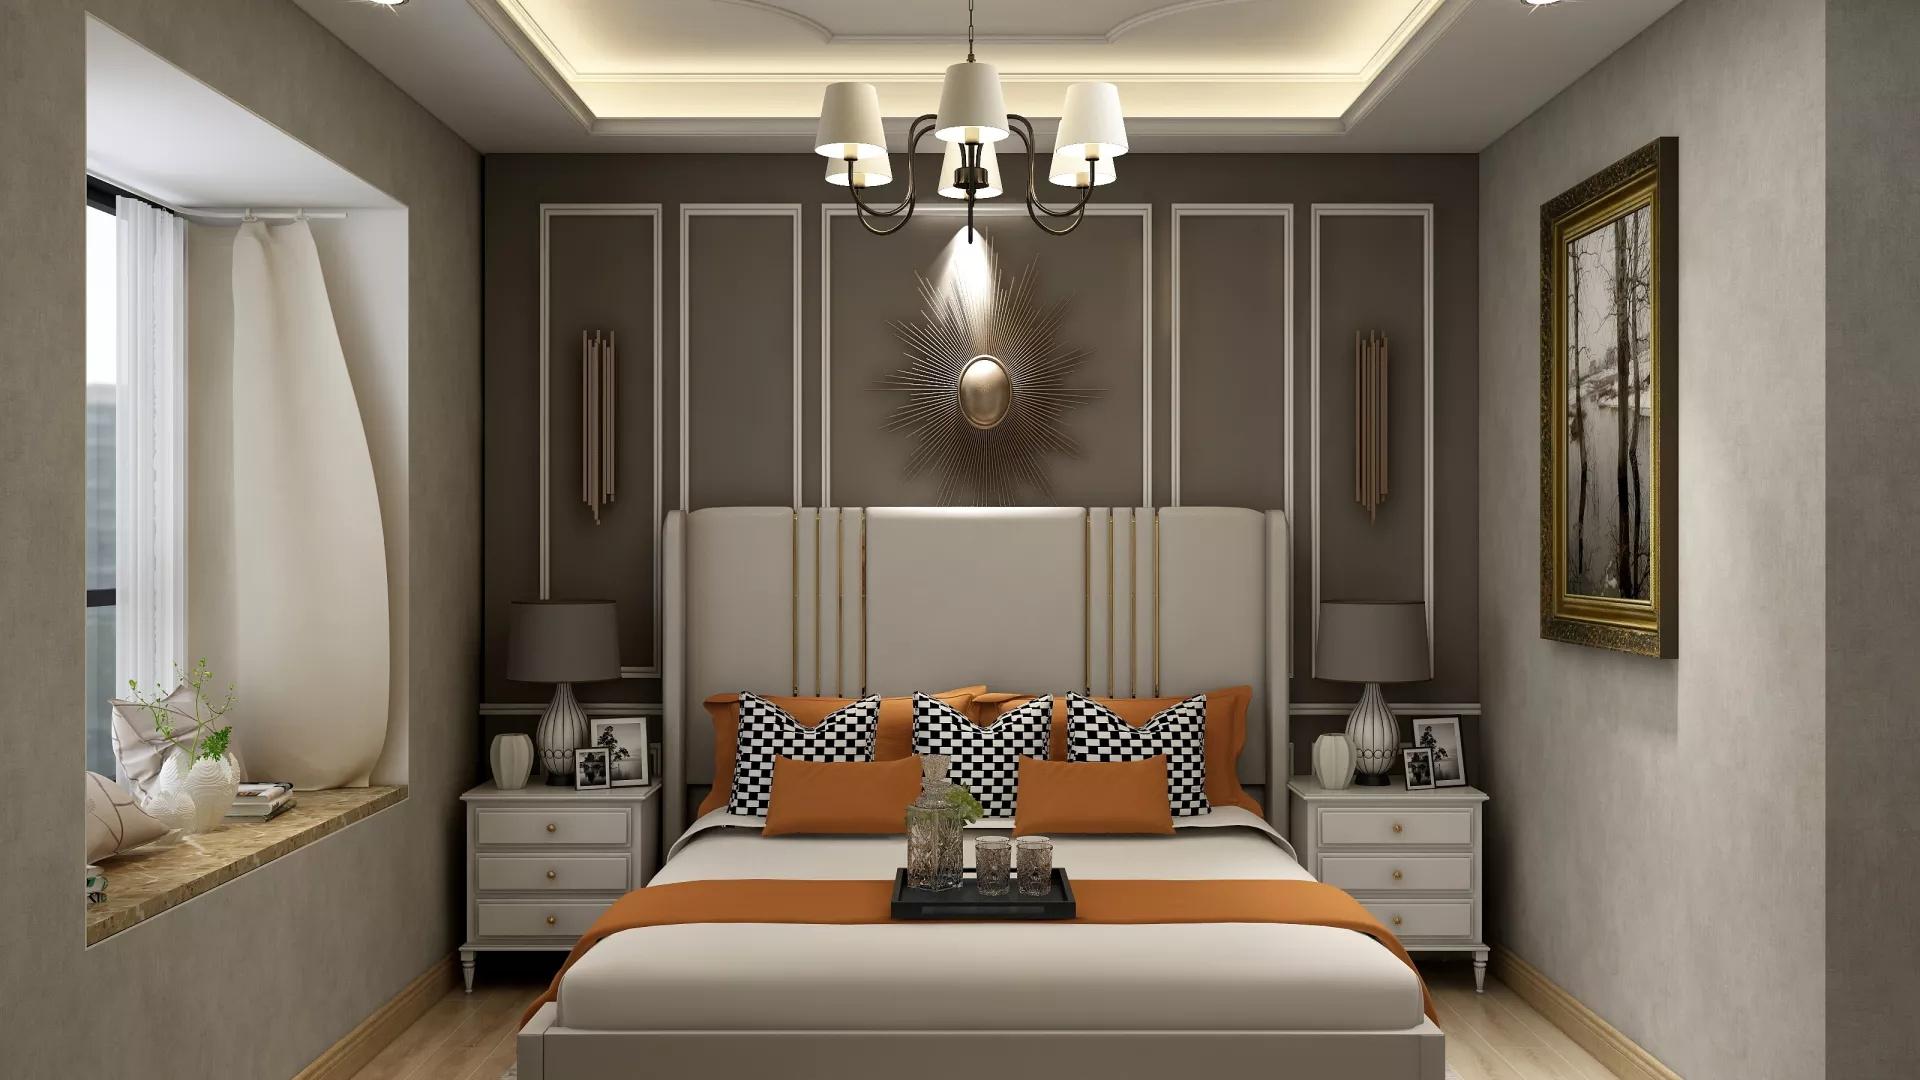 板式定制家具品牌排名 板式定制家具选购方法